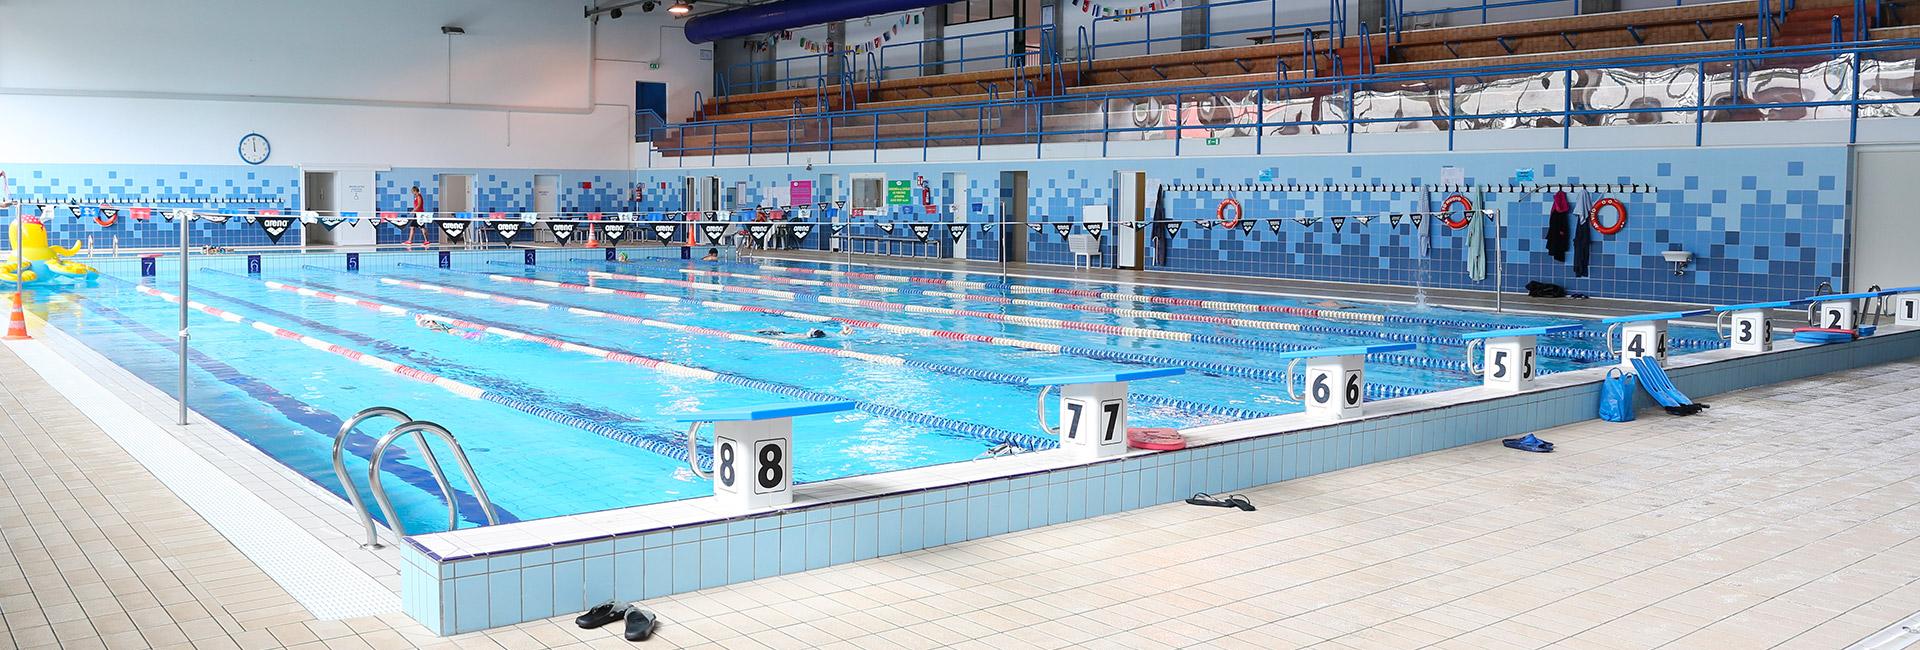 Piscina san vito al tagliamento corsi di nuoto e formazione - Piscina san vito al tagliamento ...